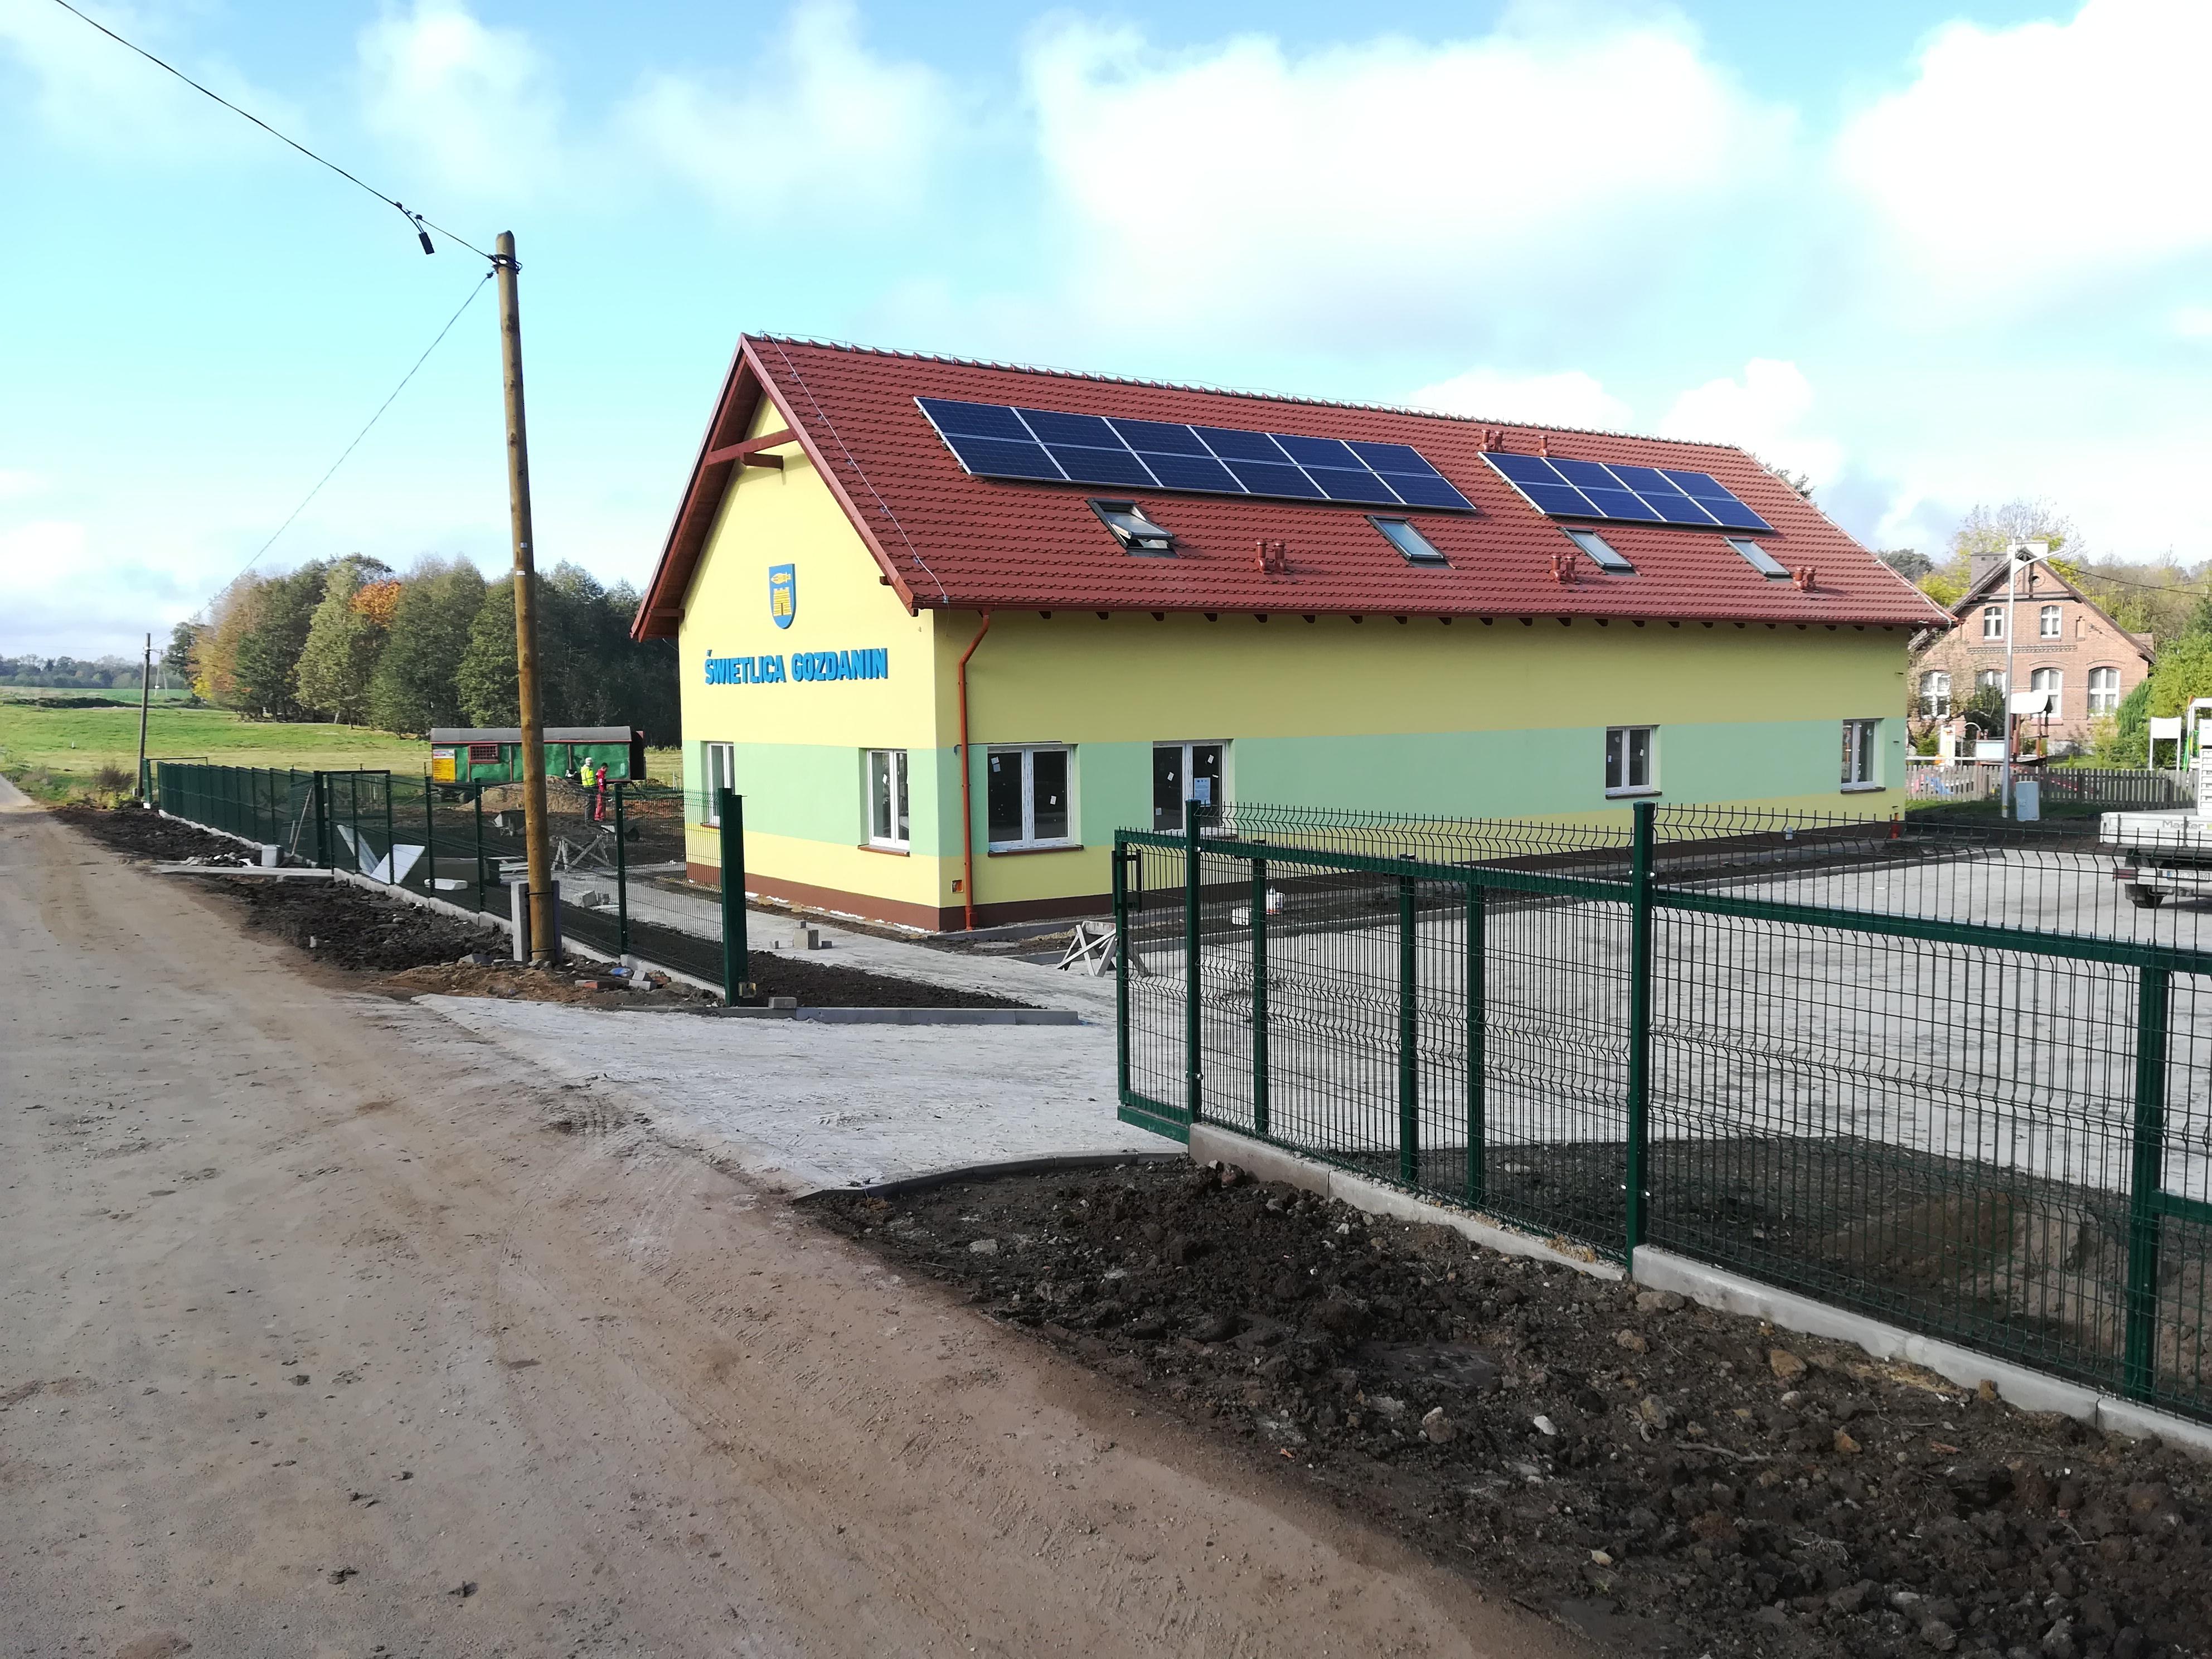 Nowa świetlica w Gozdaninie – zakończono prace budowlane